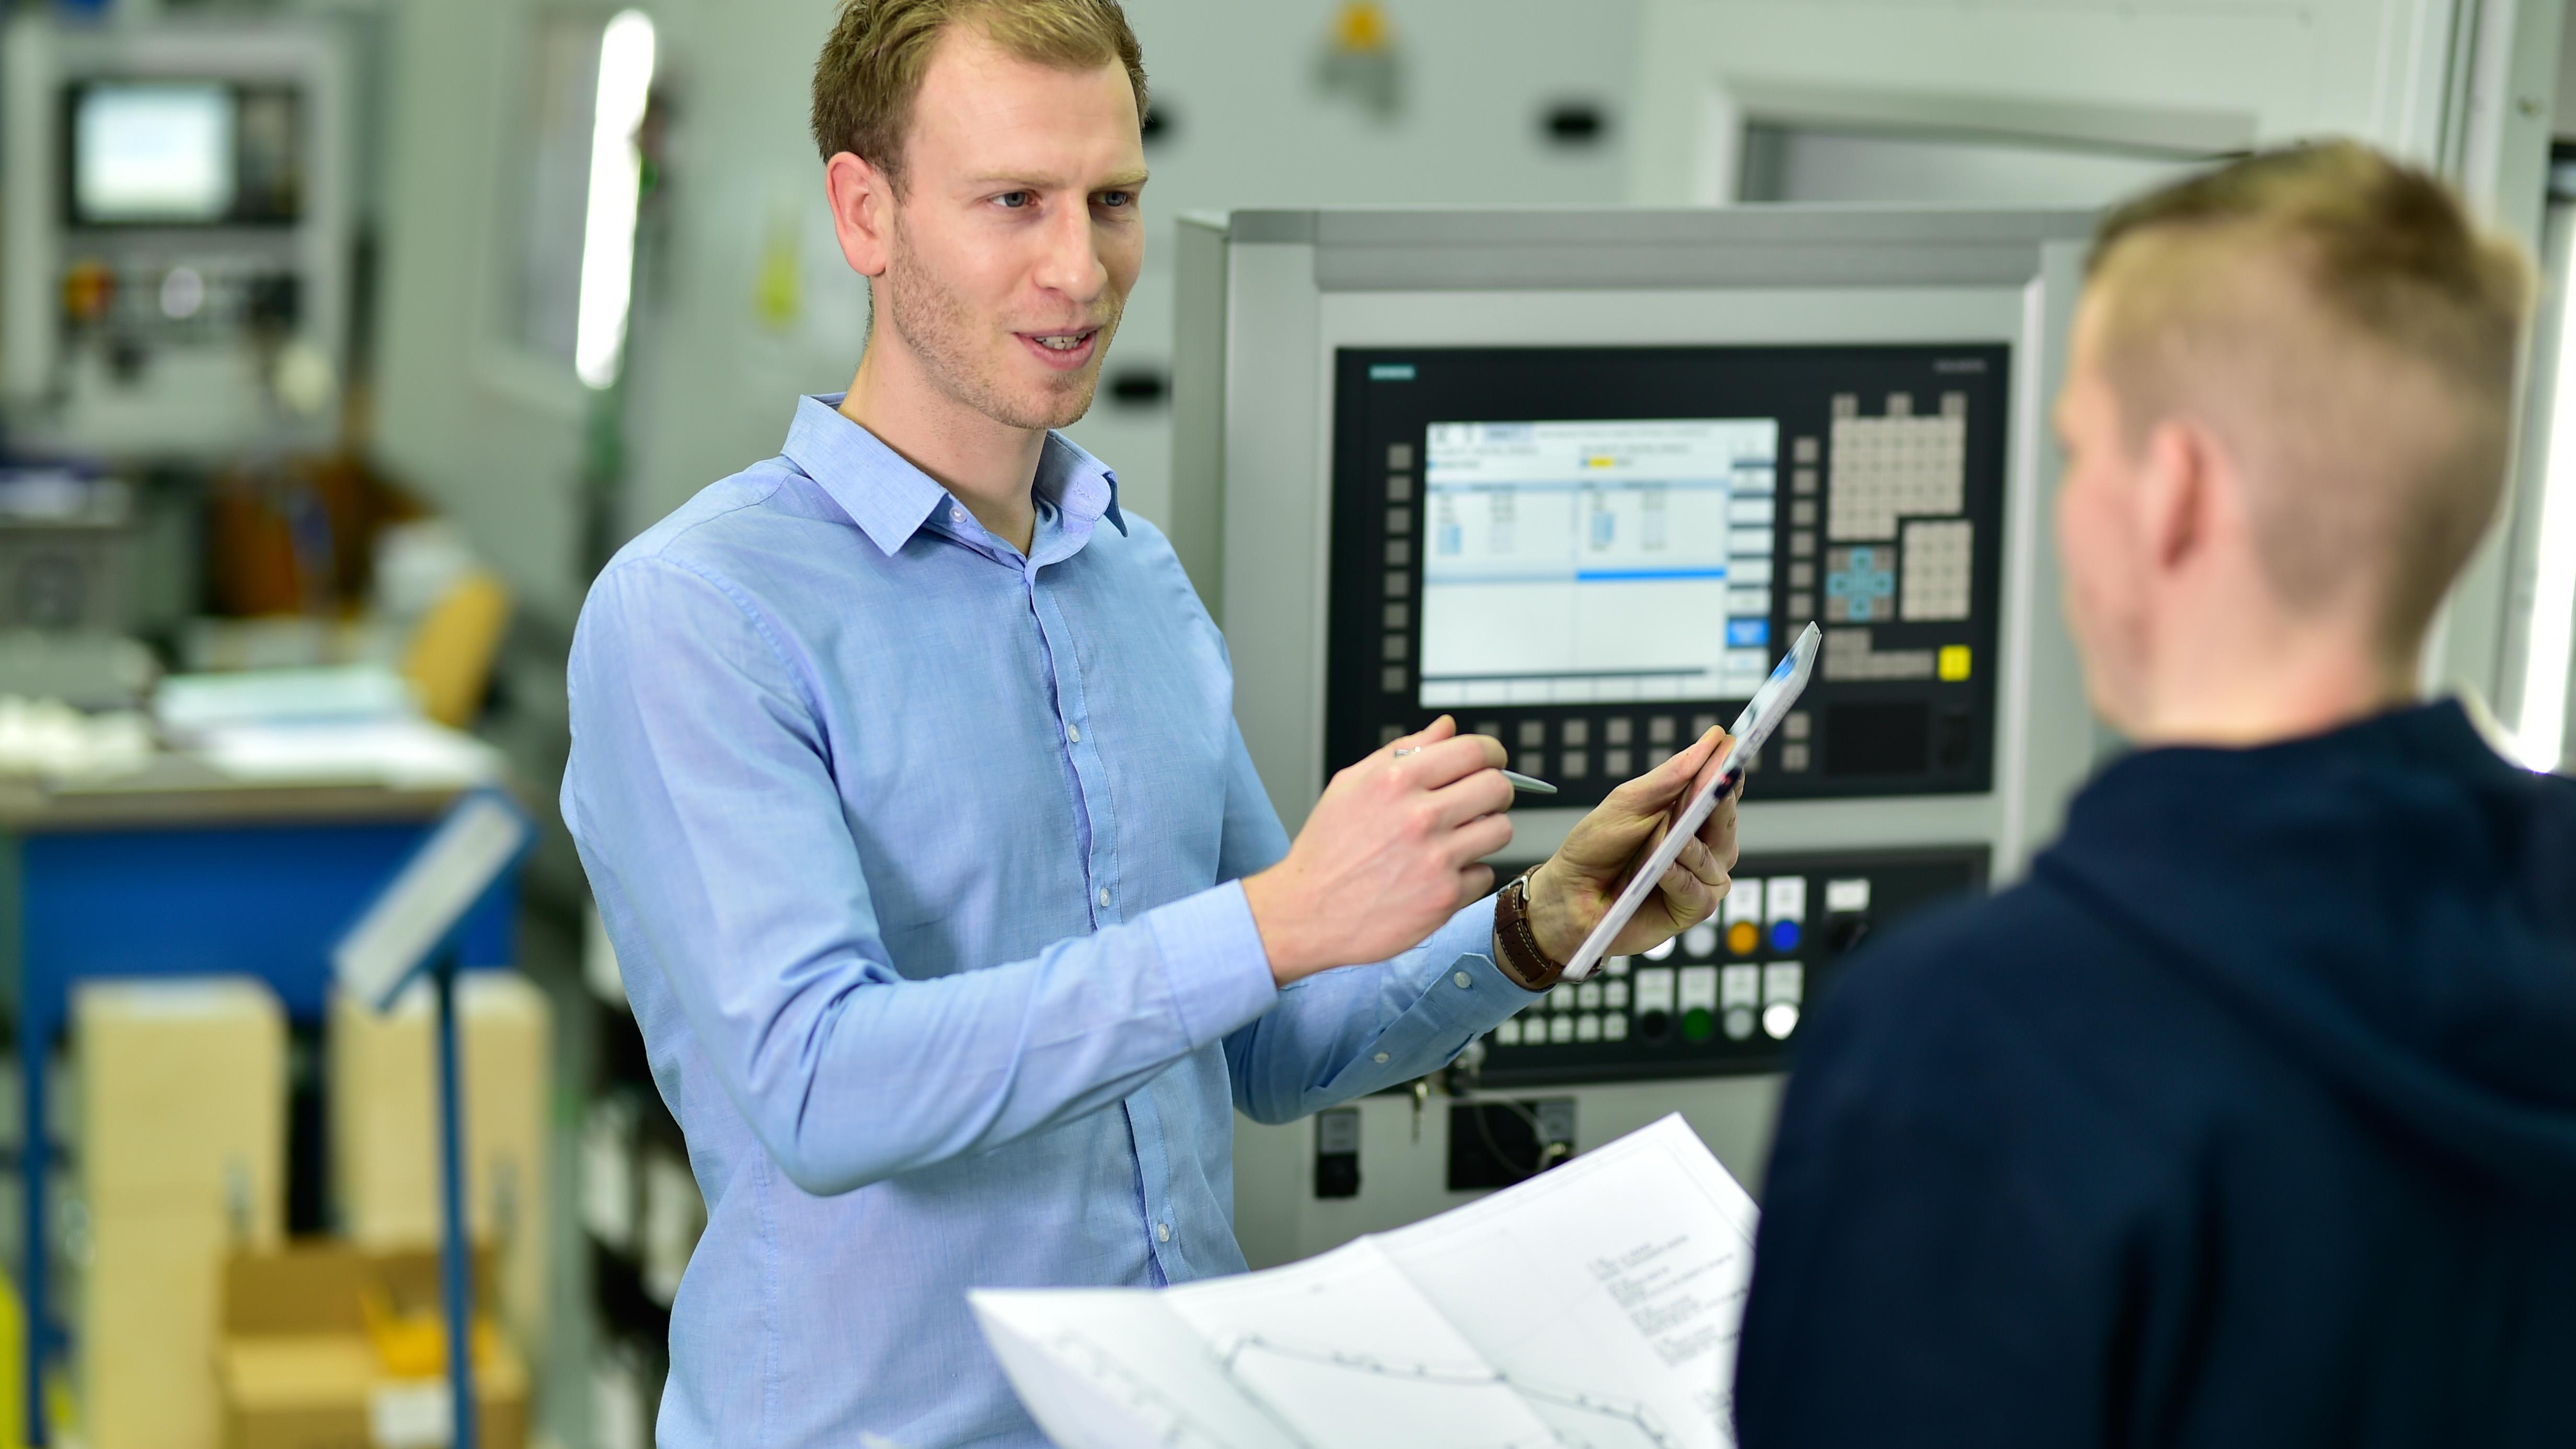 Werkzeugmaschinen Schulung: Bedienung, Instandhaltung Elektrisch